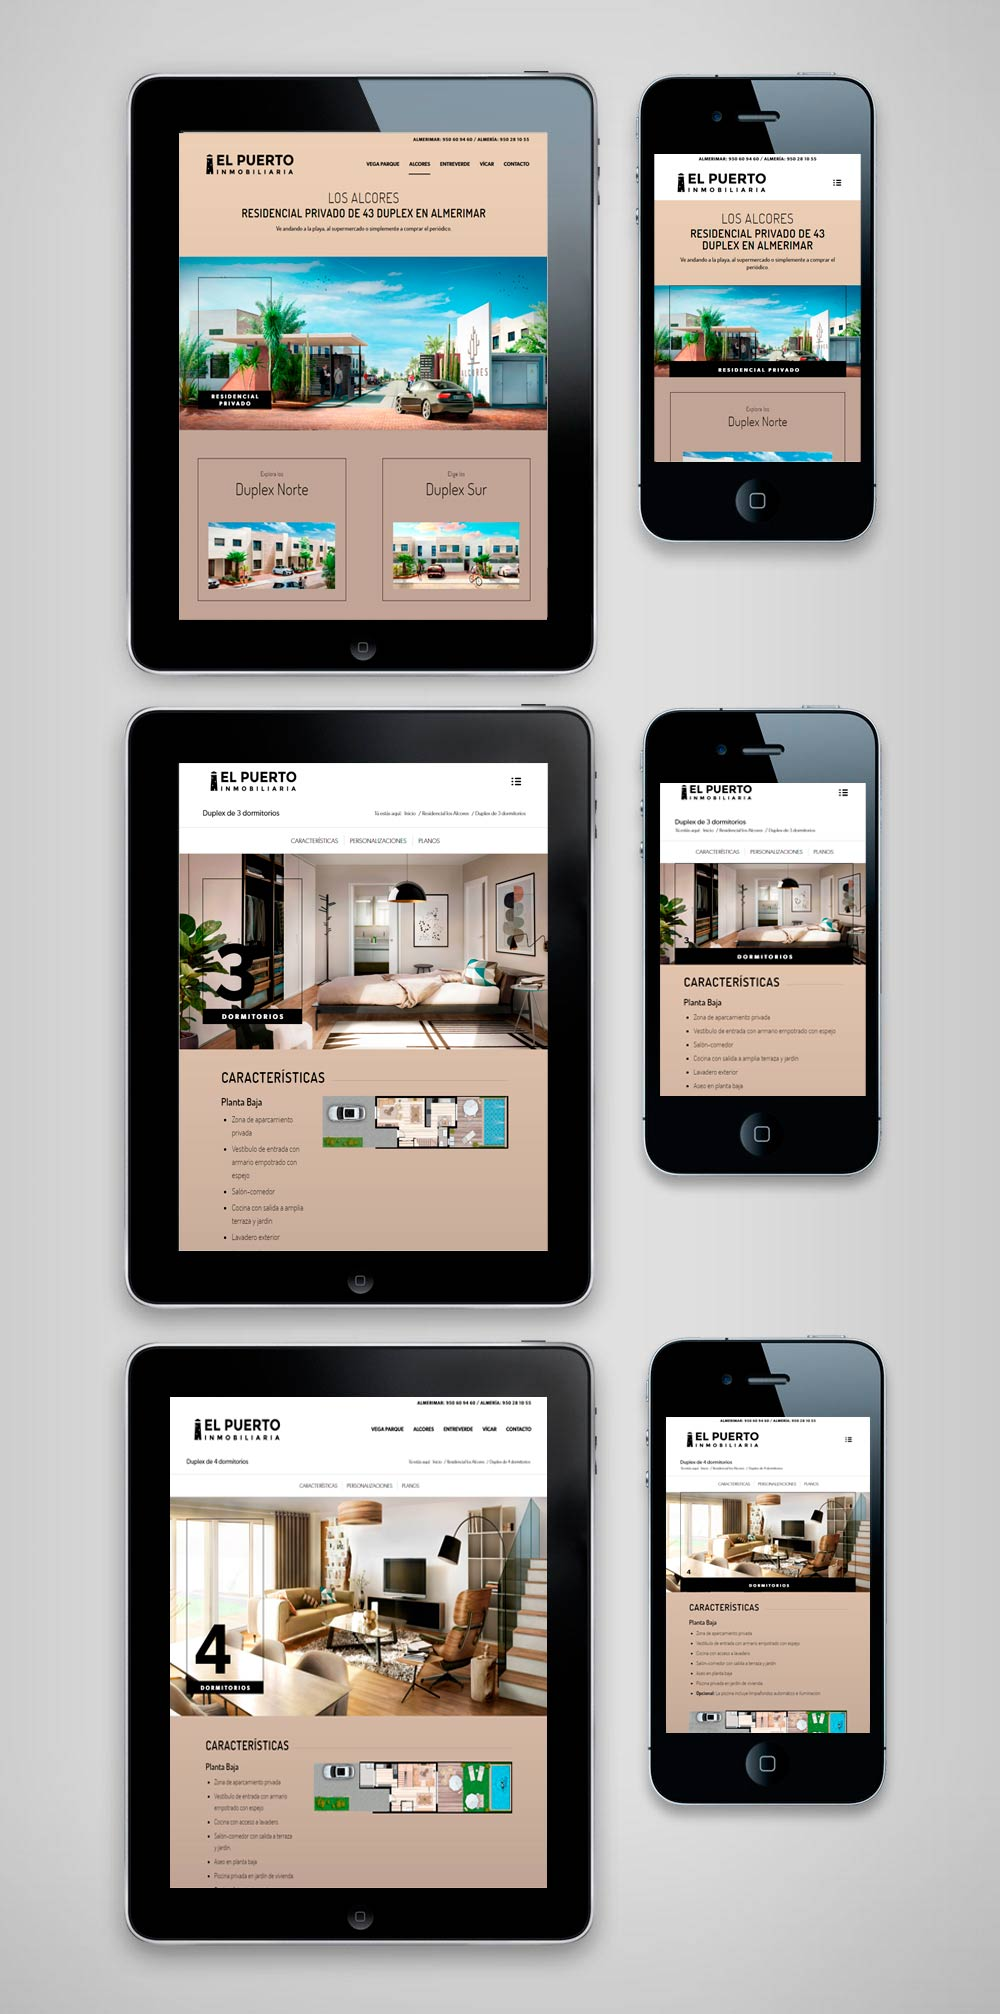 web_responsive_garaje_grafico_residencial_los-alcores diseño gráfico Almería